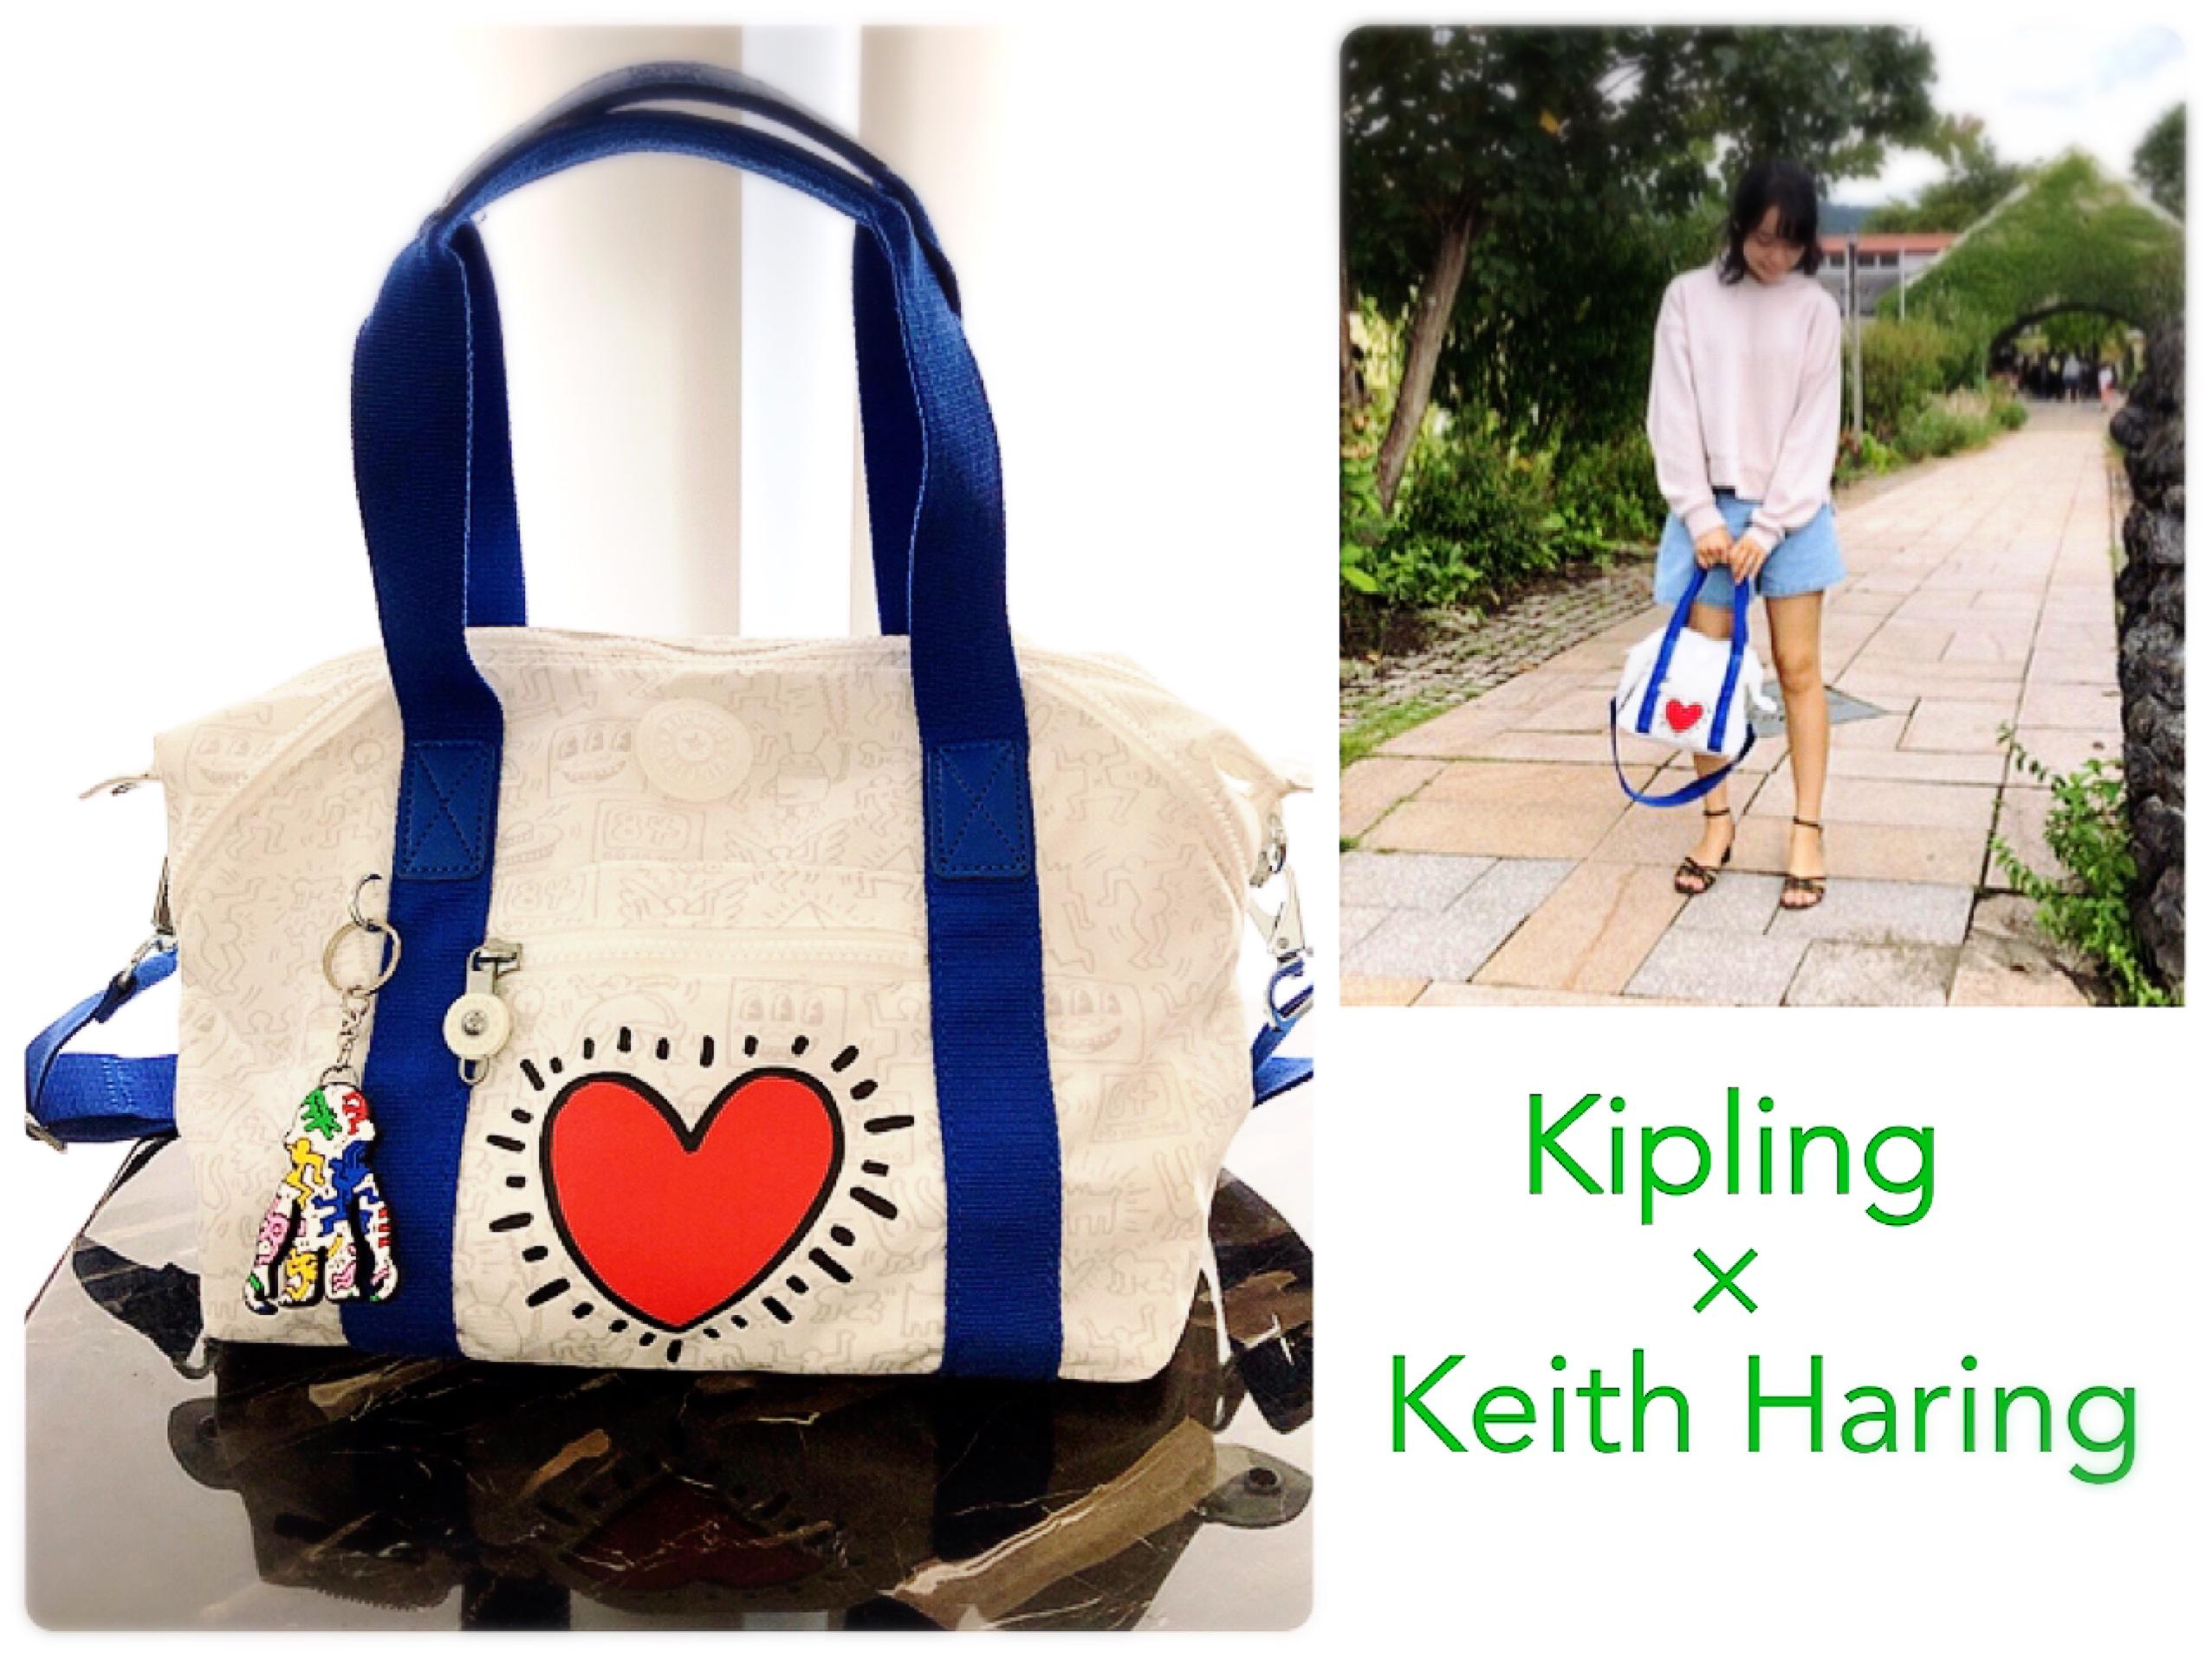 【NEW!】《Kipling×Keith Haring》ポップなデザインがファッションのアクセントに♡ GoTo Travelに大活躍の2wayバッグ!_8